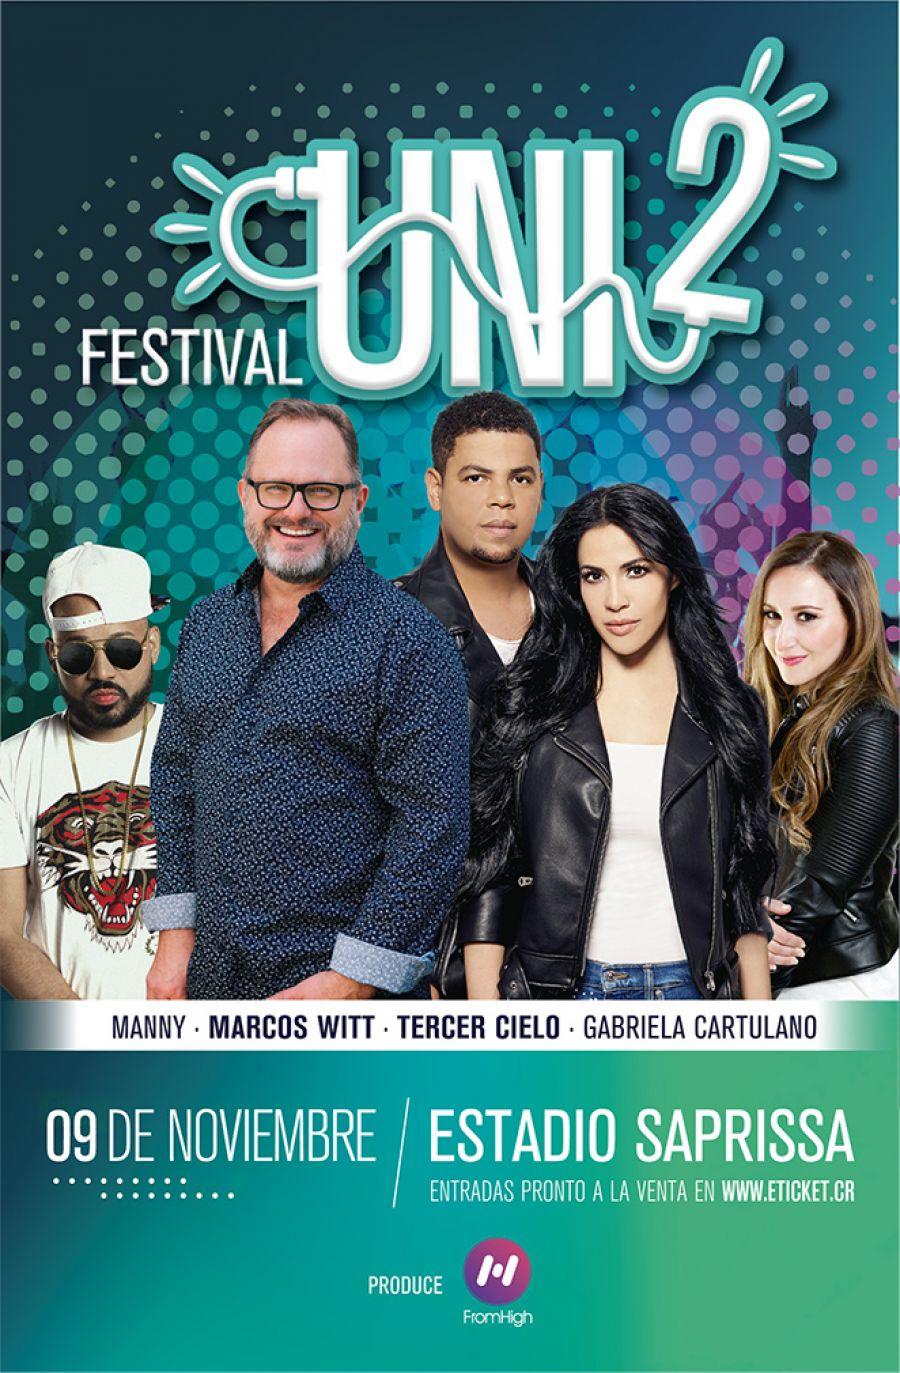 Festival Uni2. Marcos Witt, Gabriela Cartulano, Manny Montes & Tercer Cielo